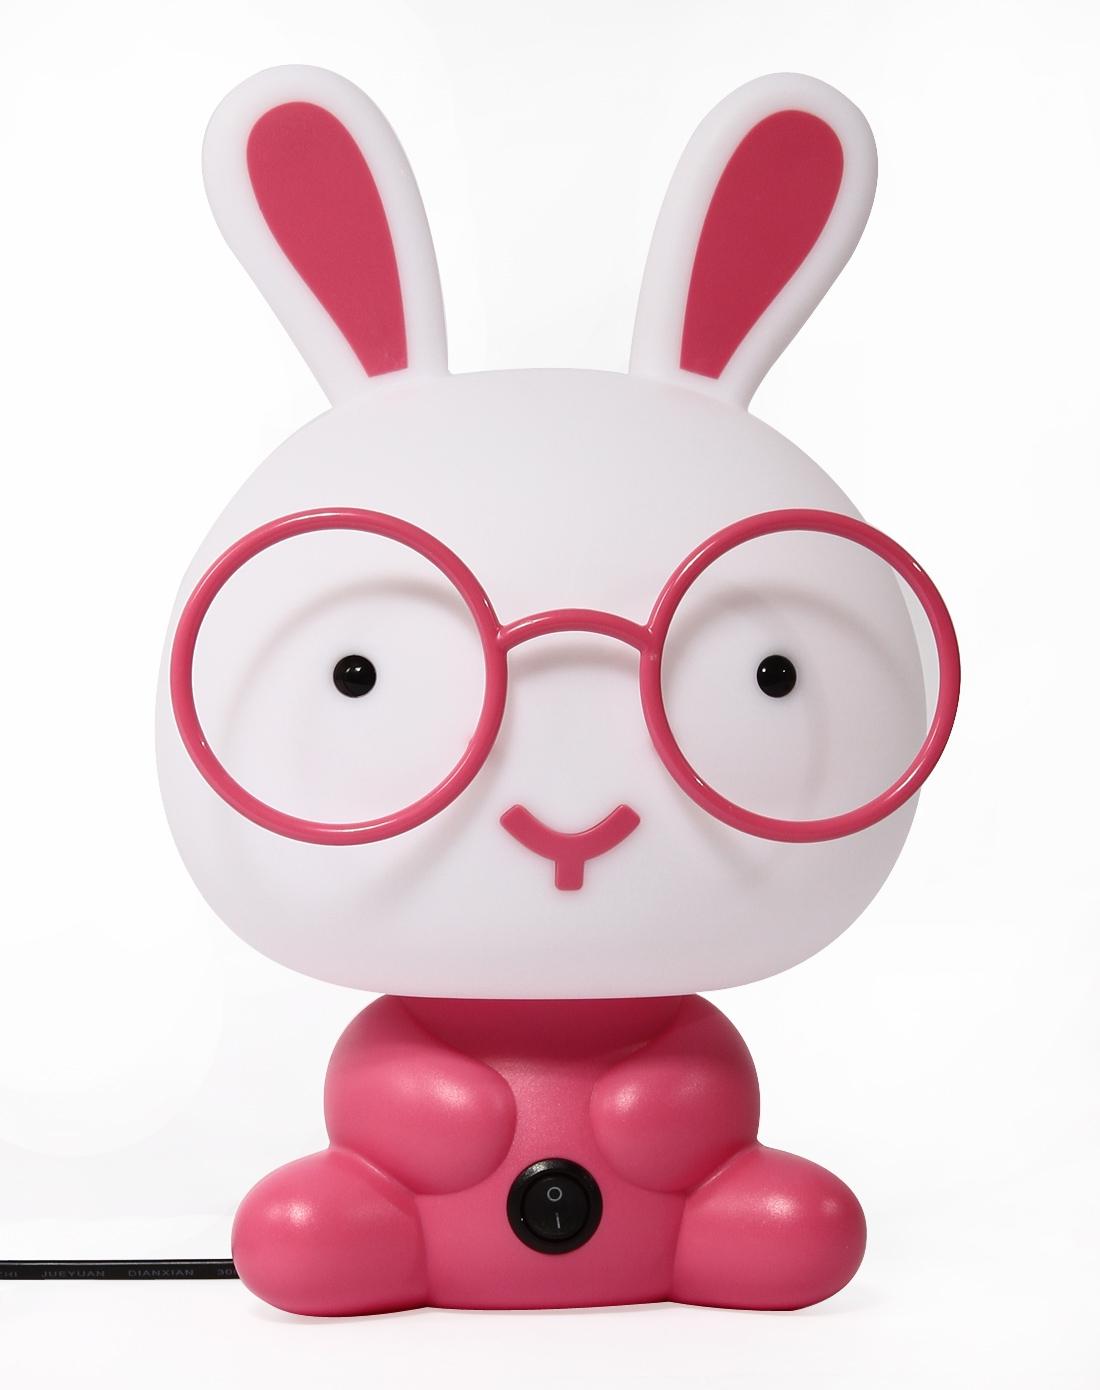 兔子 简笔画呆萌可爱